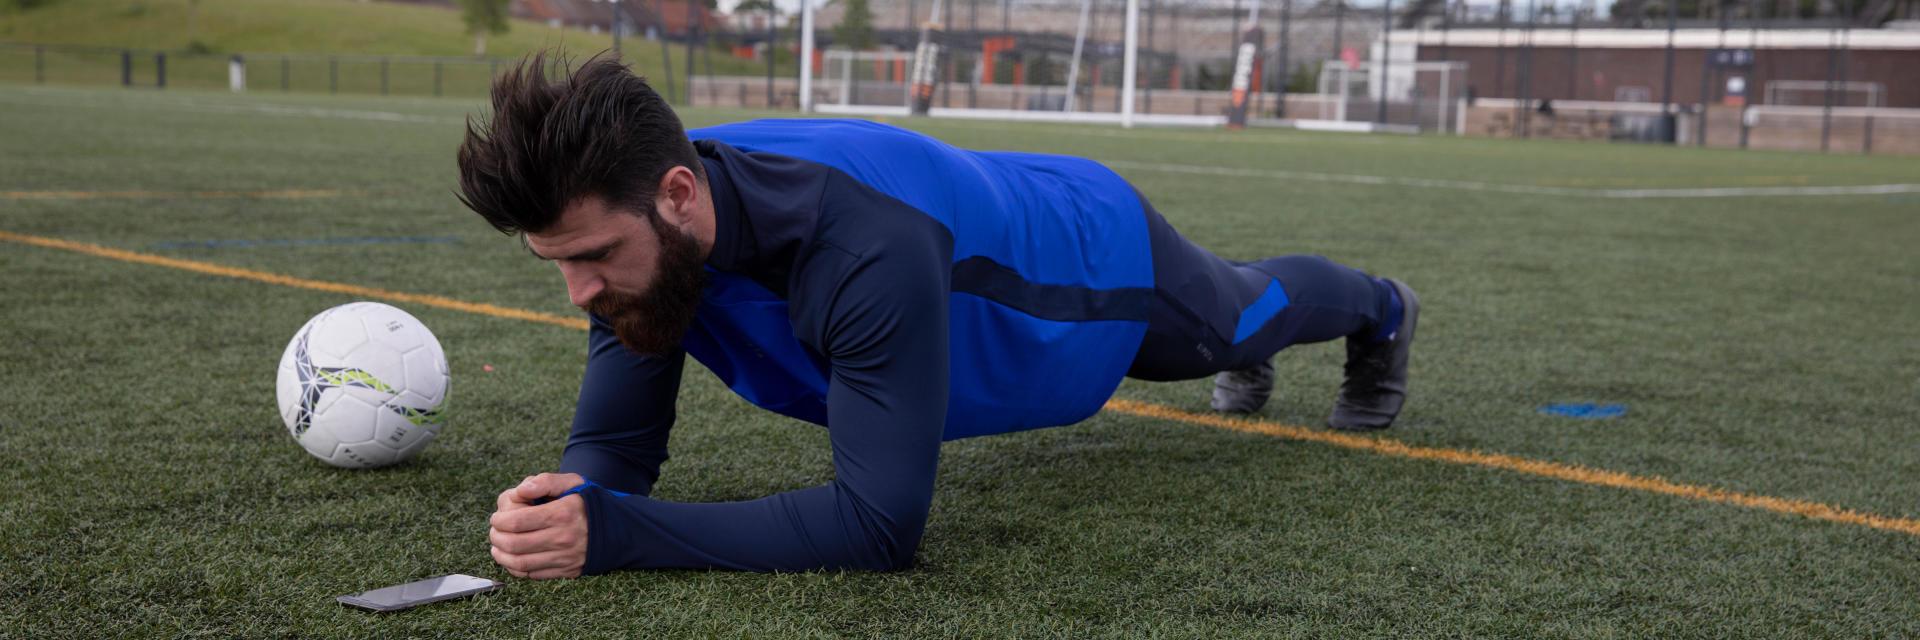 Muscler-pour-le-football-sans-matériel